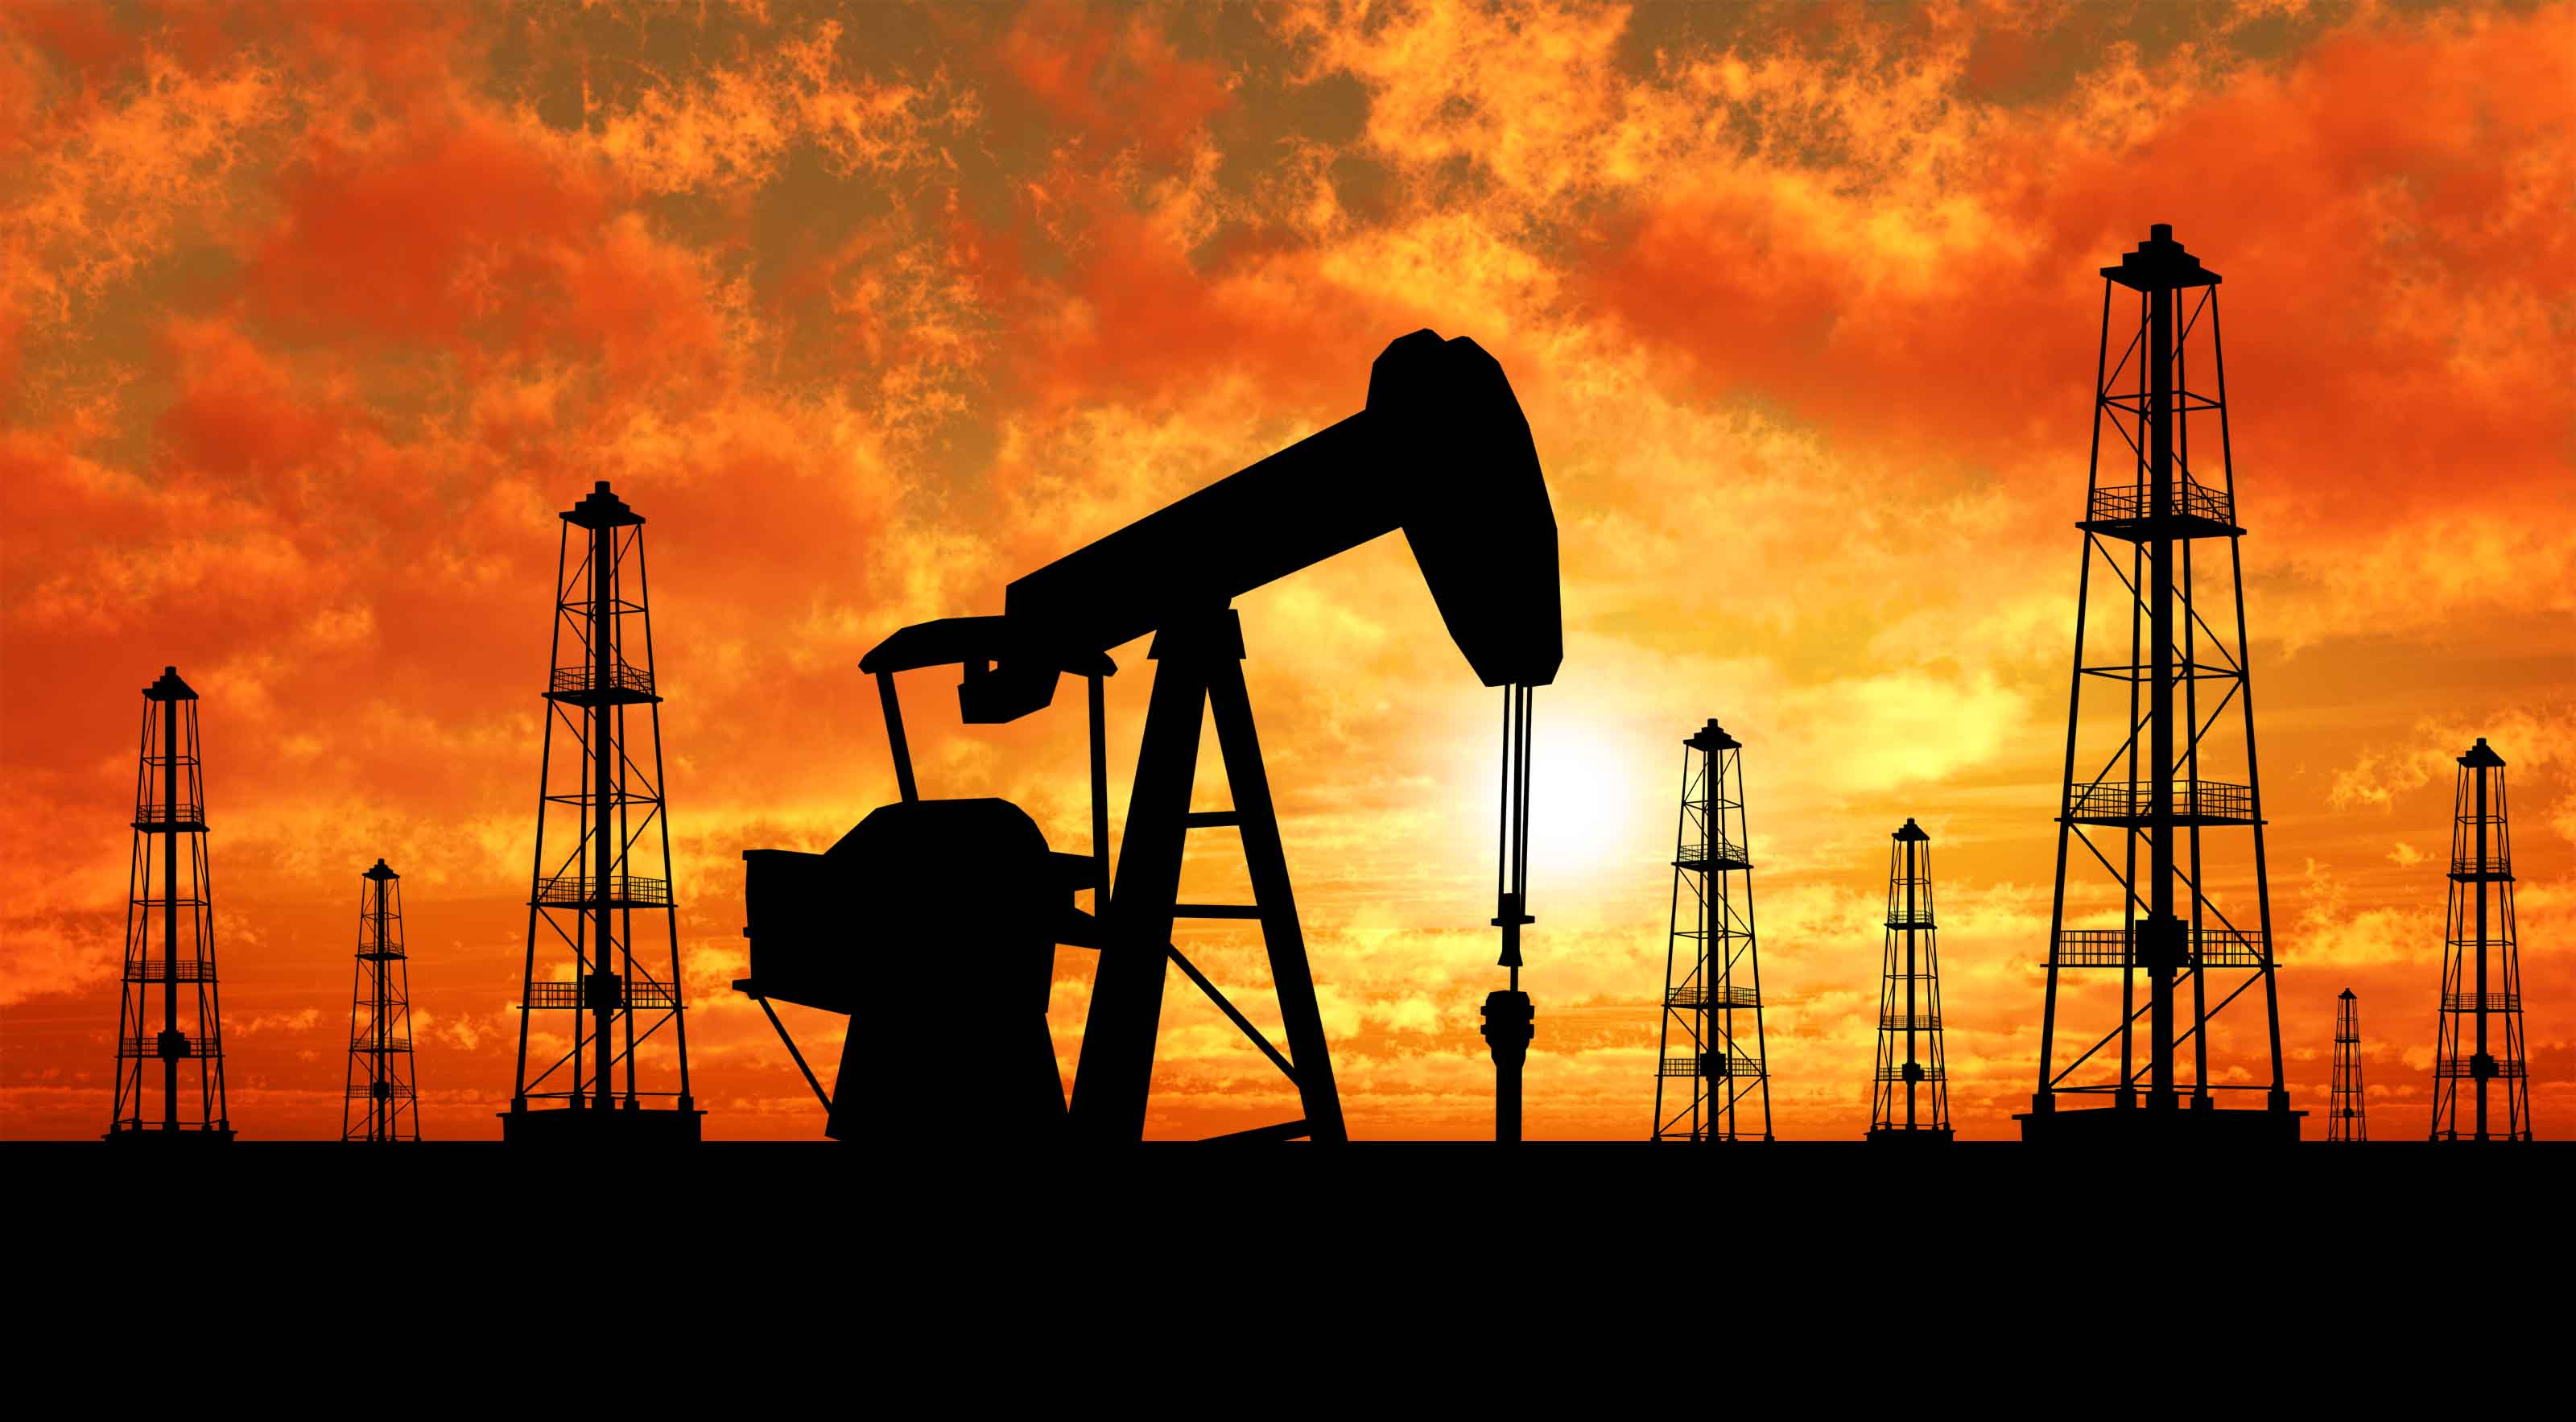 تحریمهای نفتی آمریکا علیه ونزوئلا آغاز شد